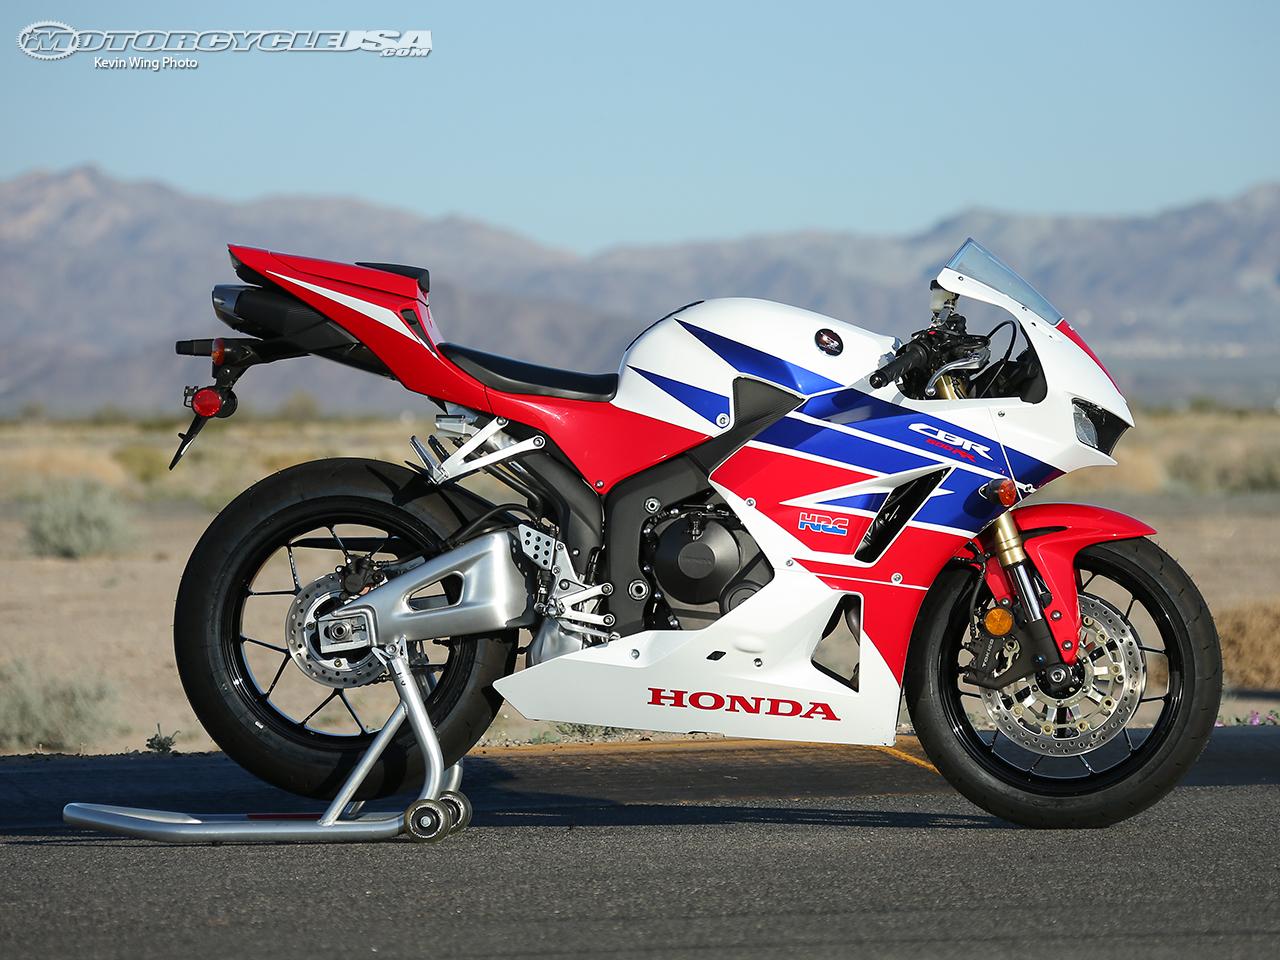 2010 Honda CBR600RR 13_honda_cbr_600rr_16